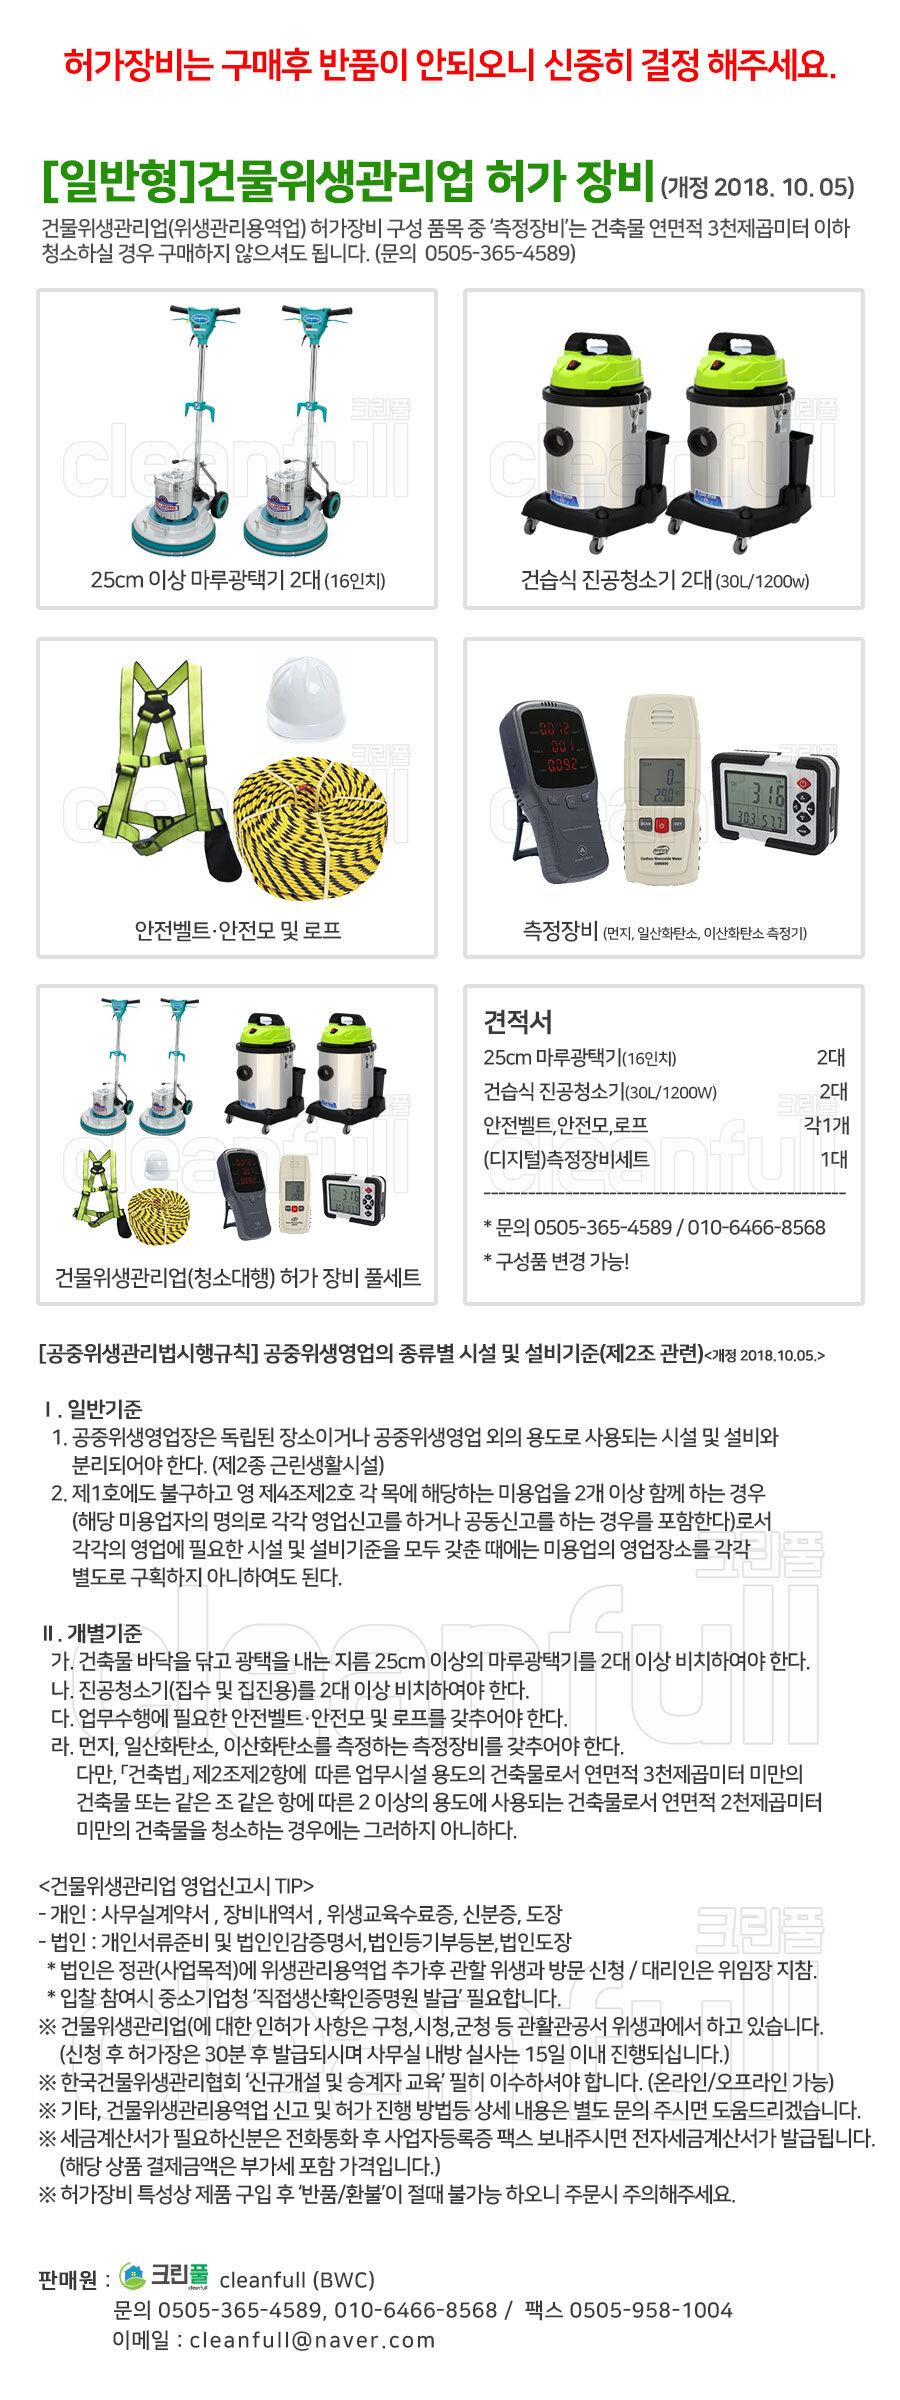 건물위생관리업 신고 허가 장비(일반형)+건물위생관리용역업 허가 장비_건물위생관리업 창업